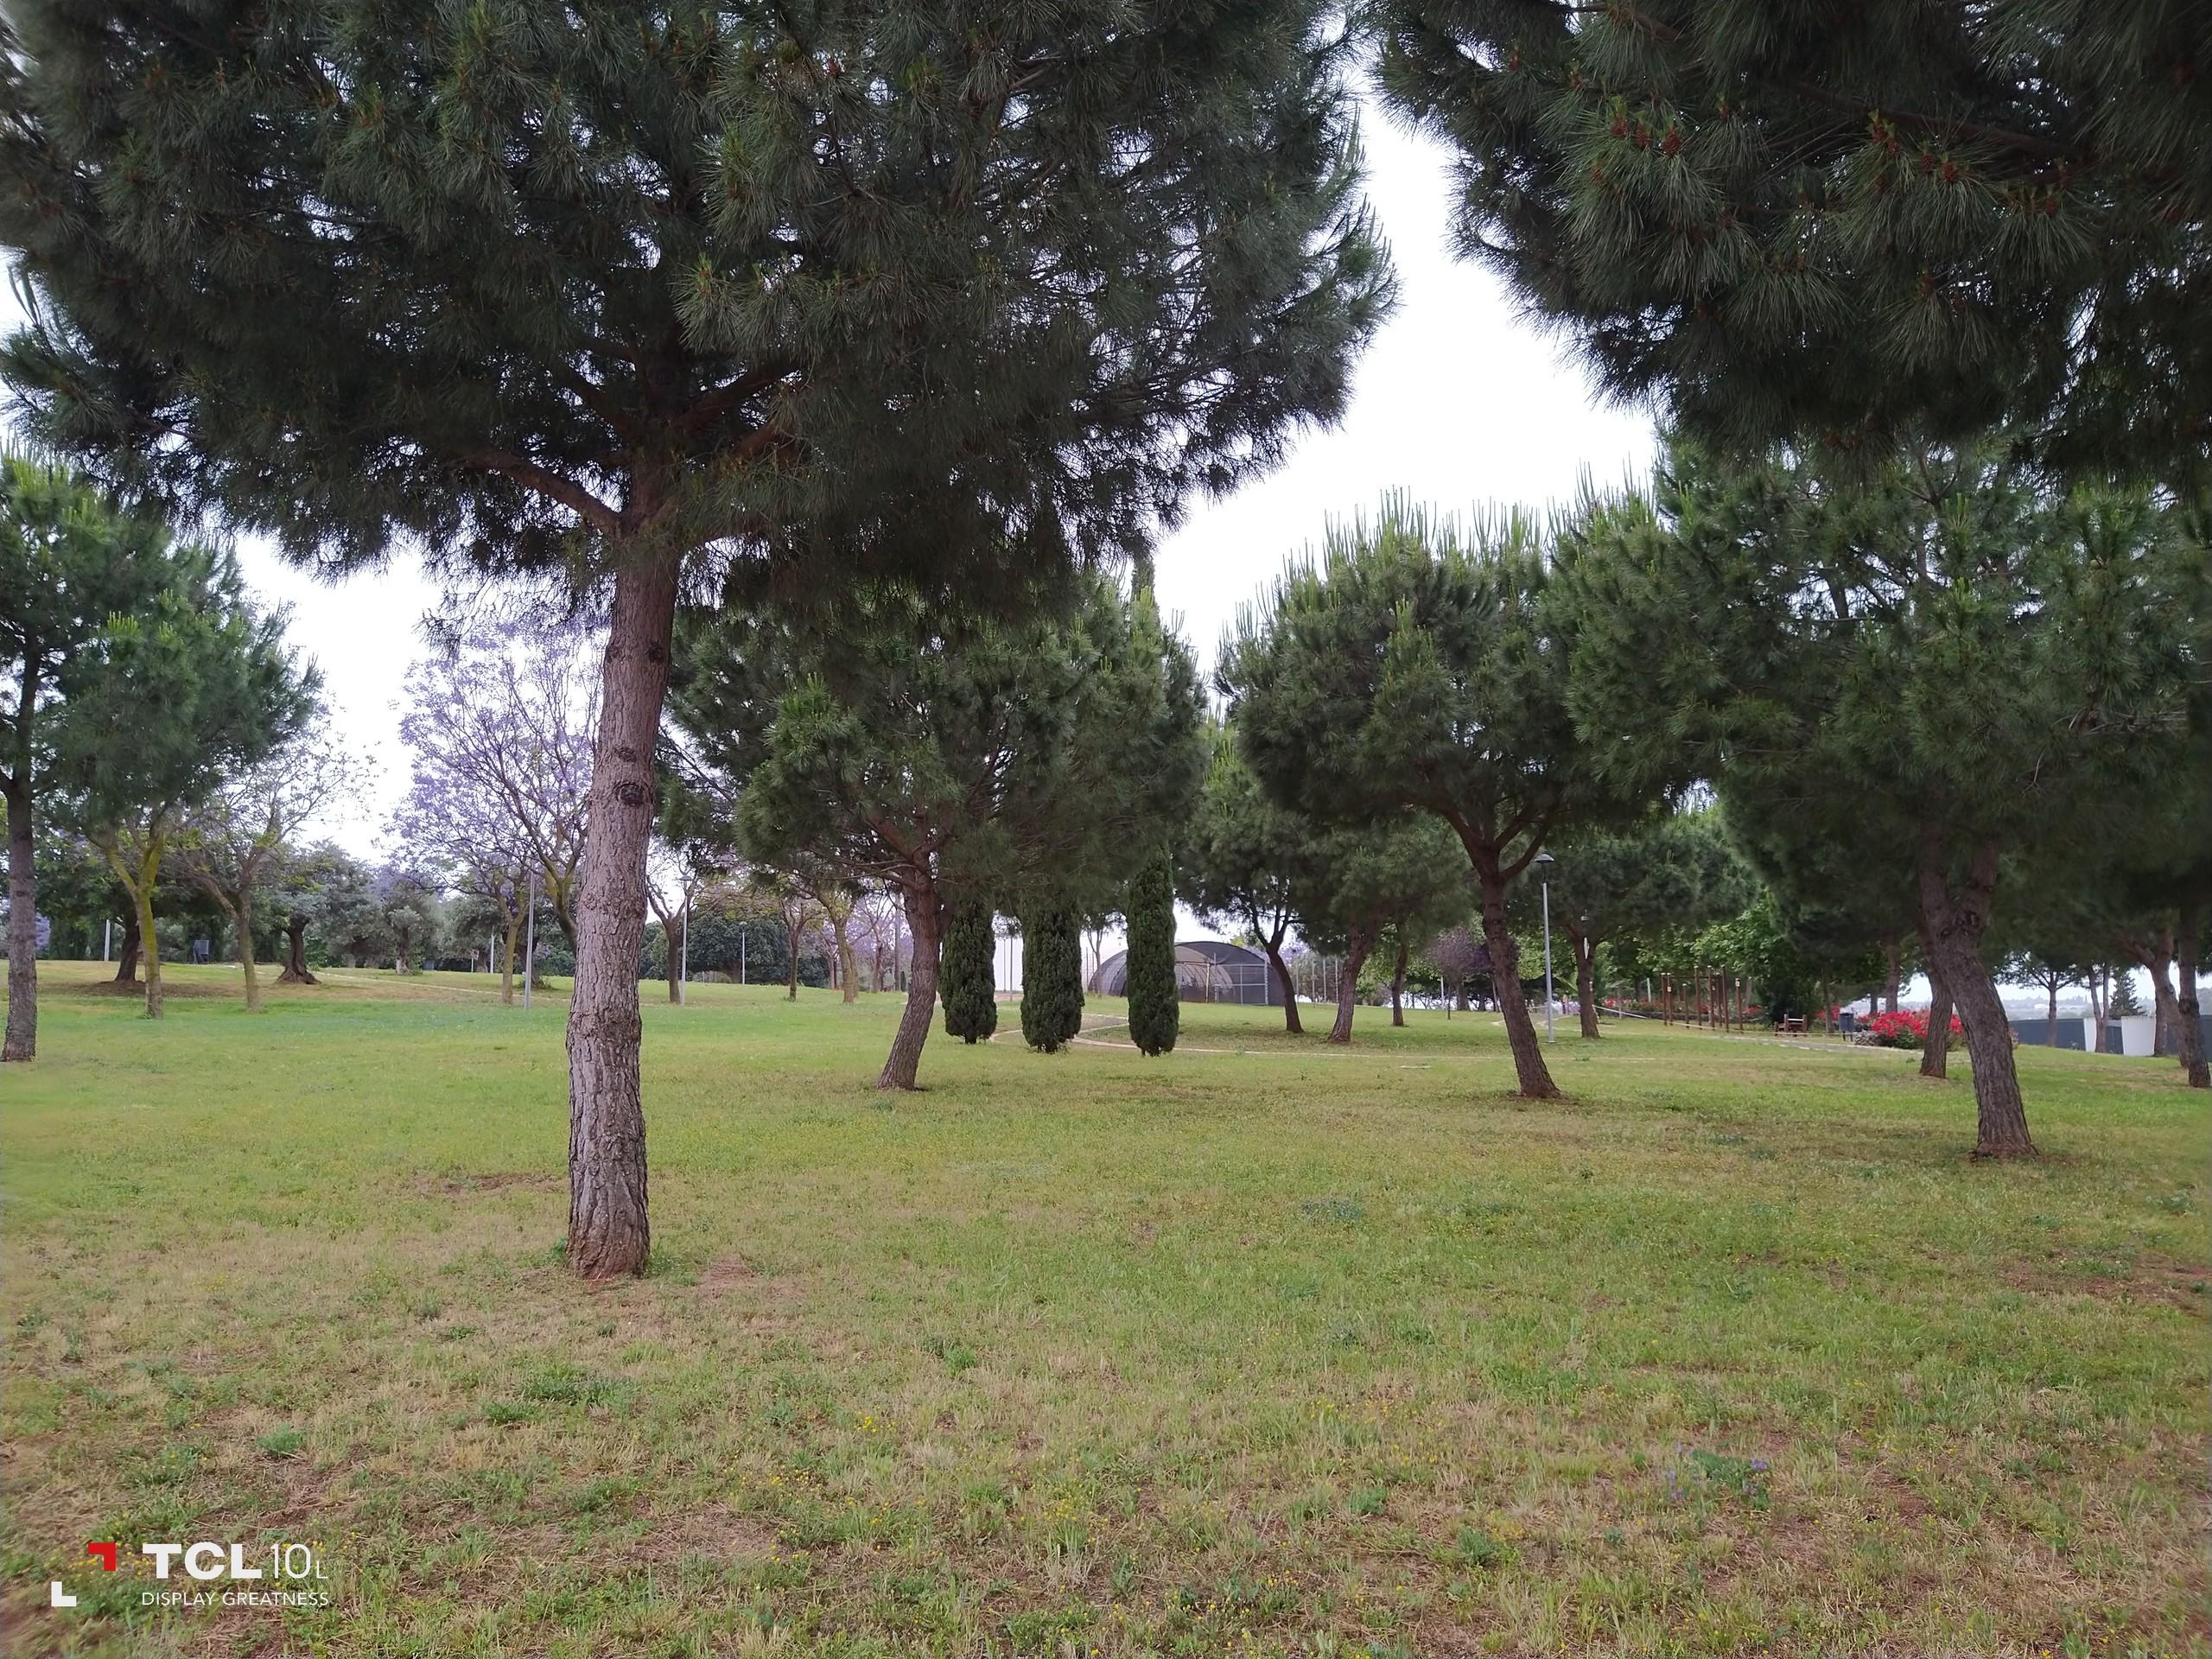 Foto de Más fotografías con el TCL 10L (6/20)